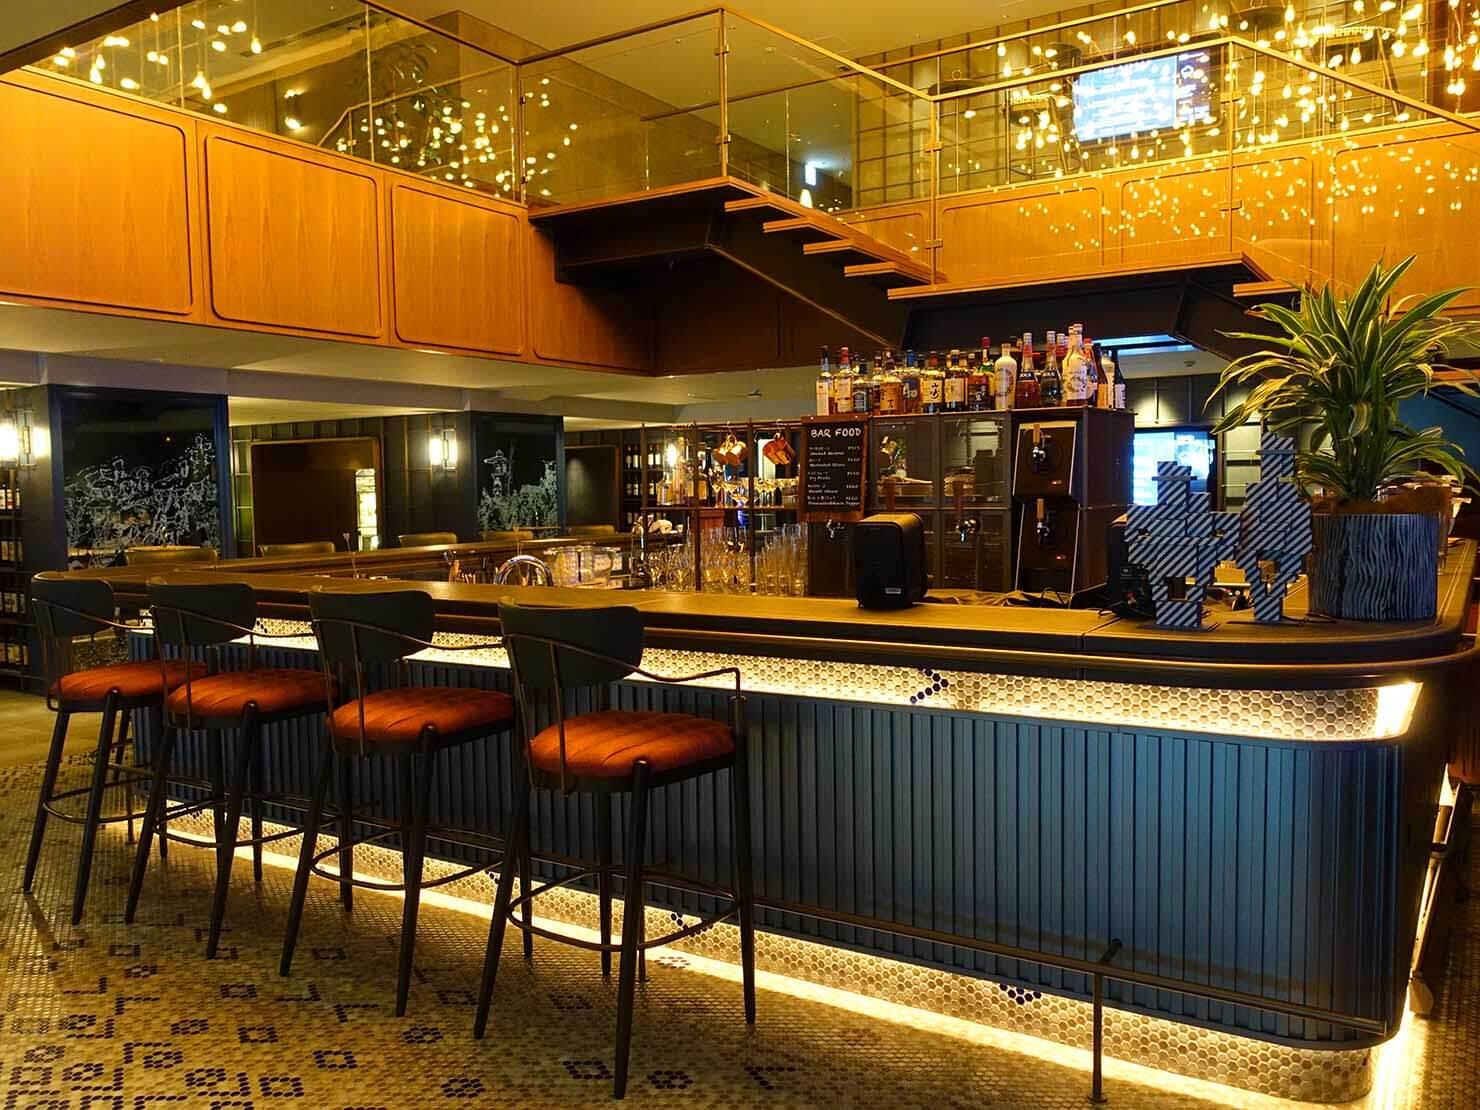 福岡・中洲川端にあるおしゃれなおすすめホテル「THE LIVELY」1Fバーカウンター